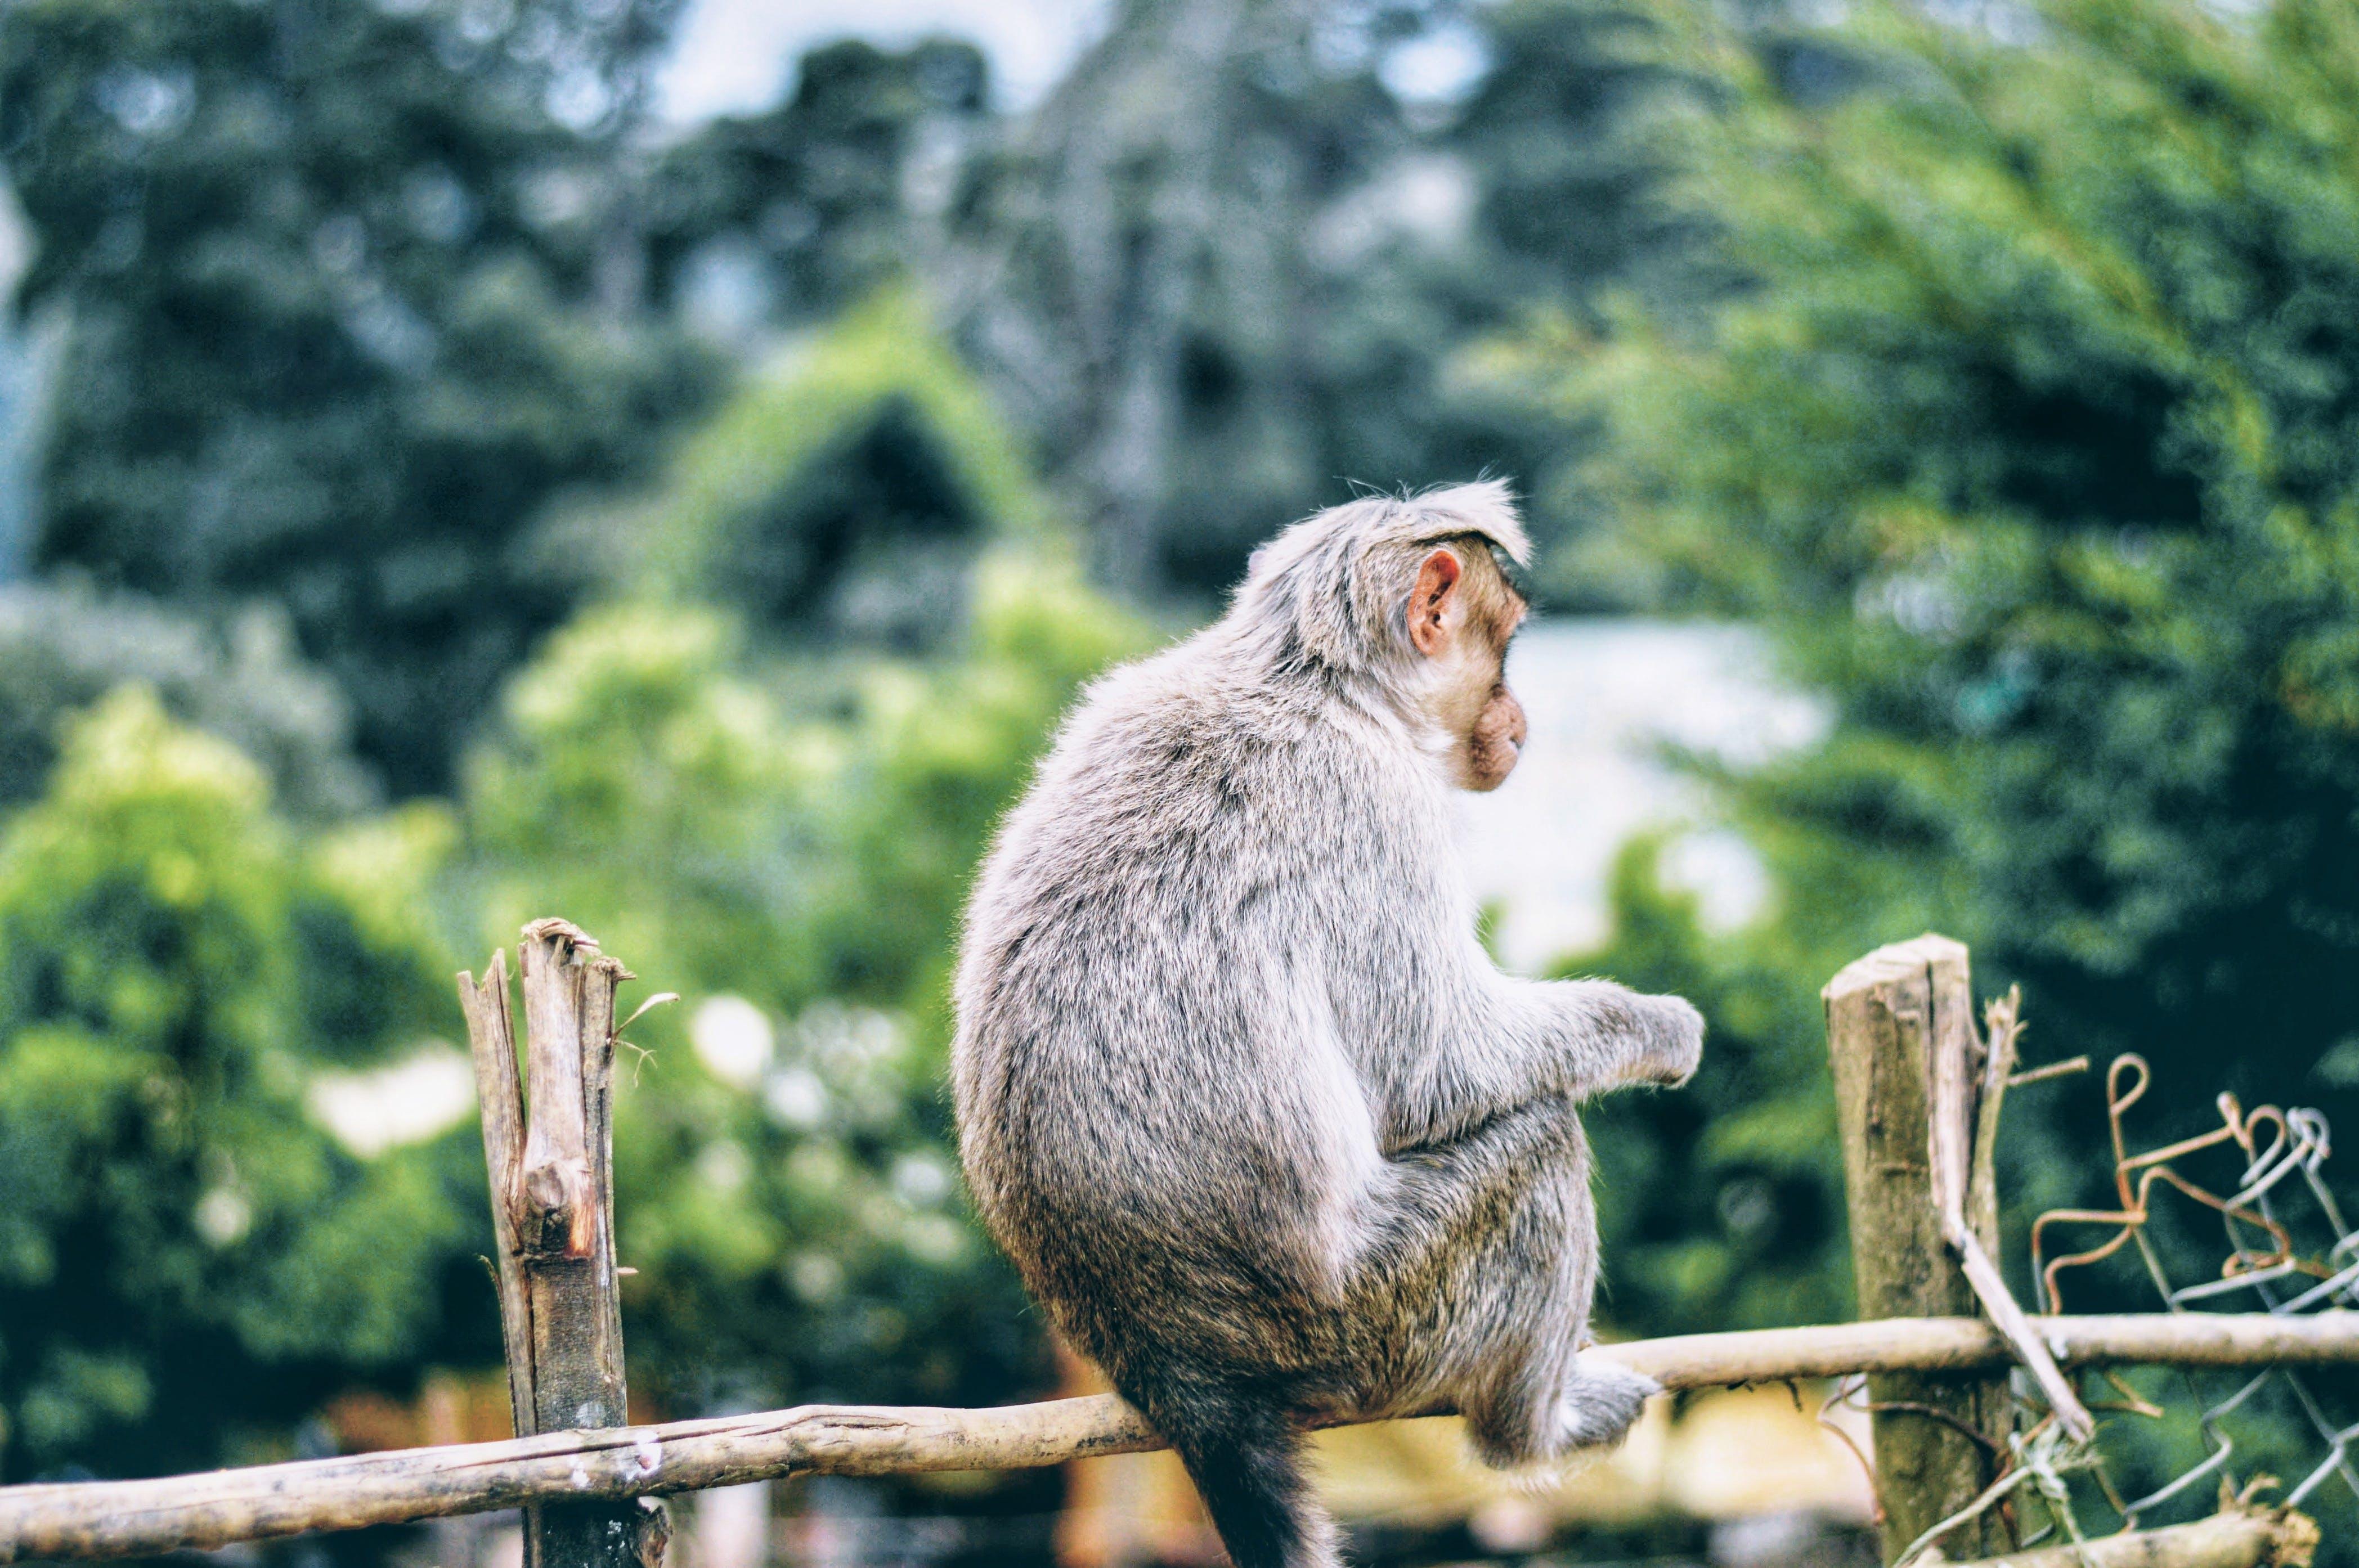 Kostnadsfri bild av apa som sitter, baby apa, däggdjur, djungel